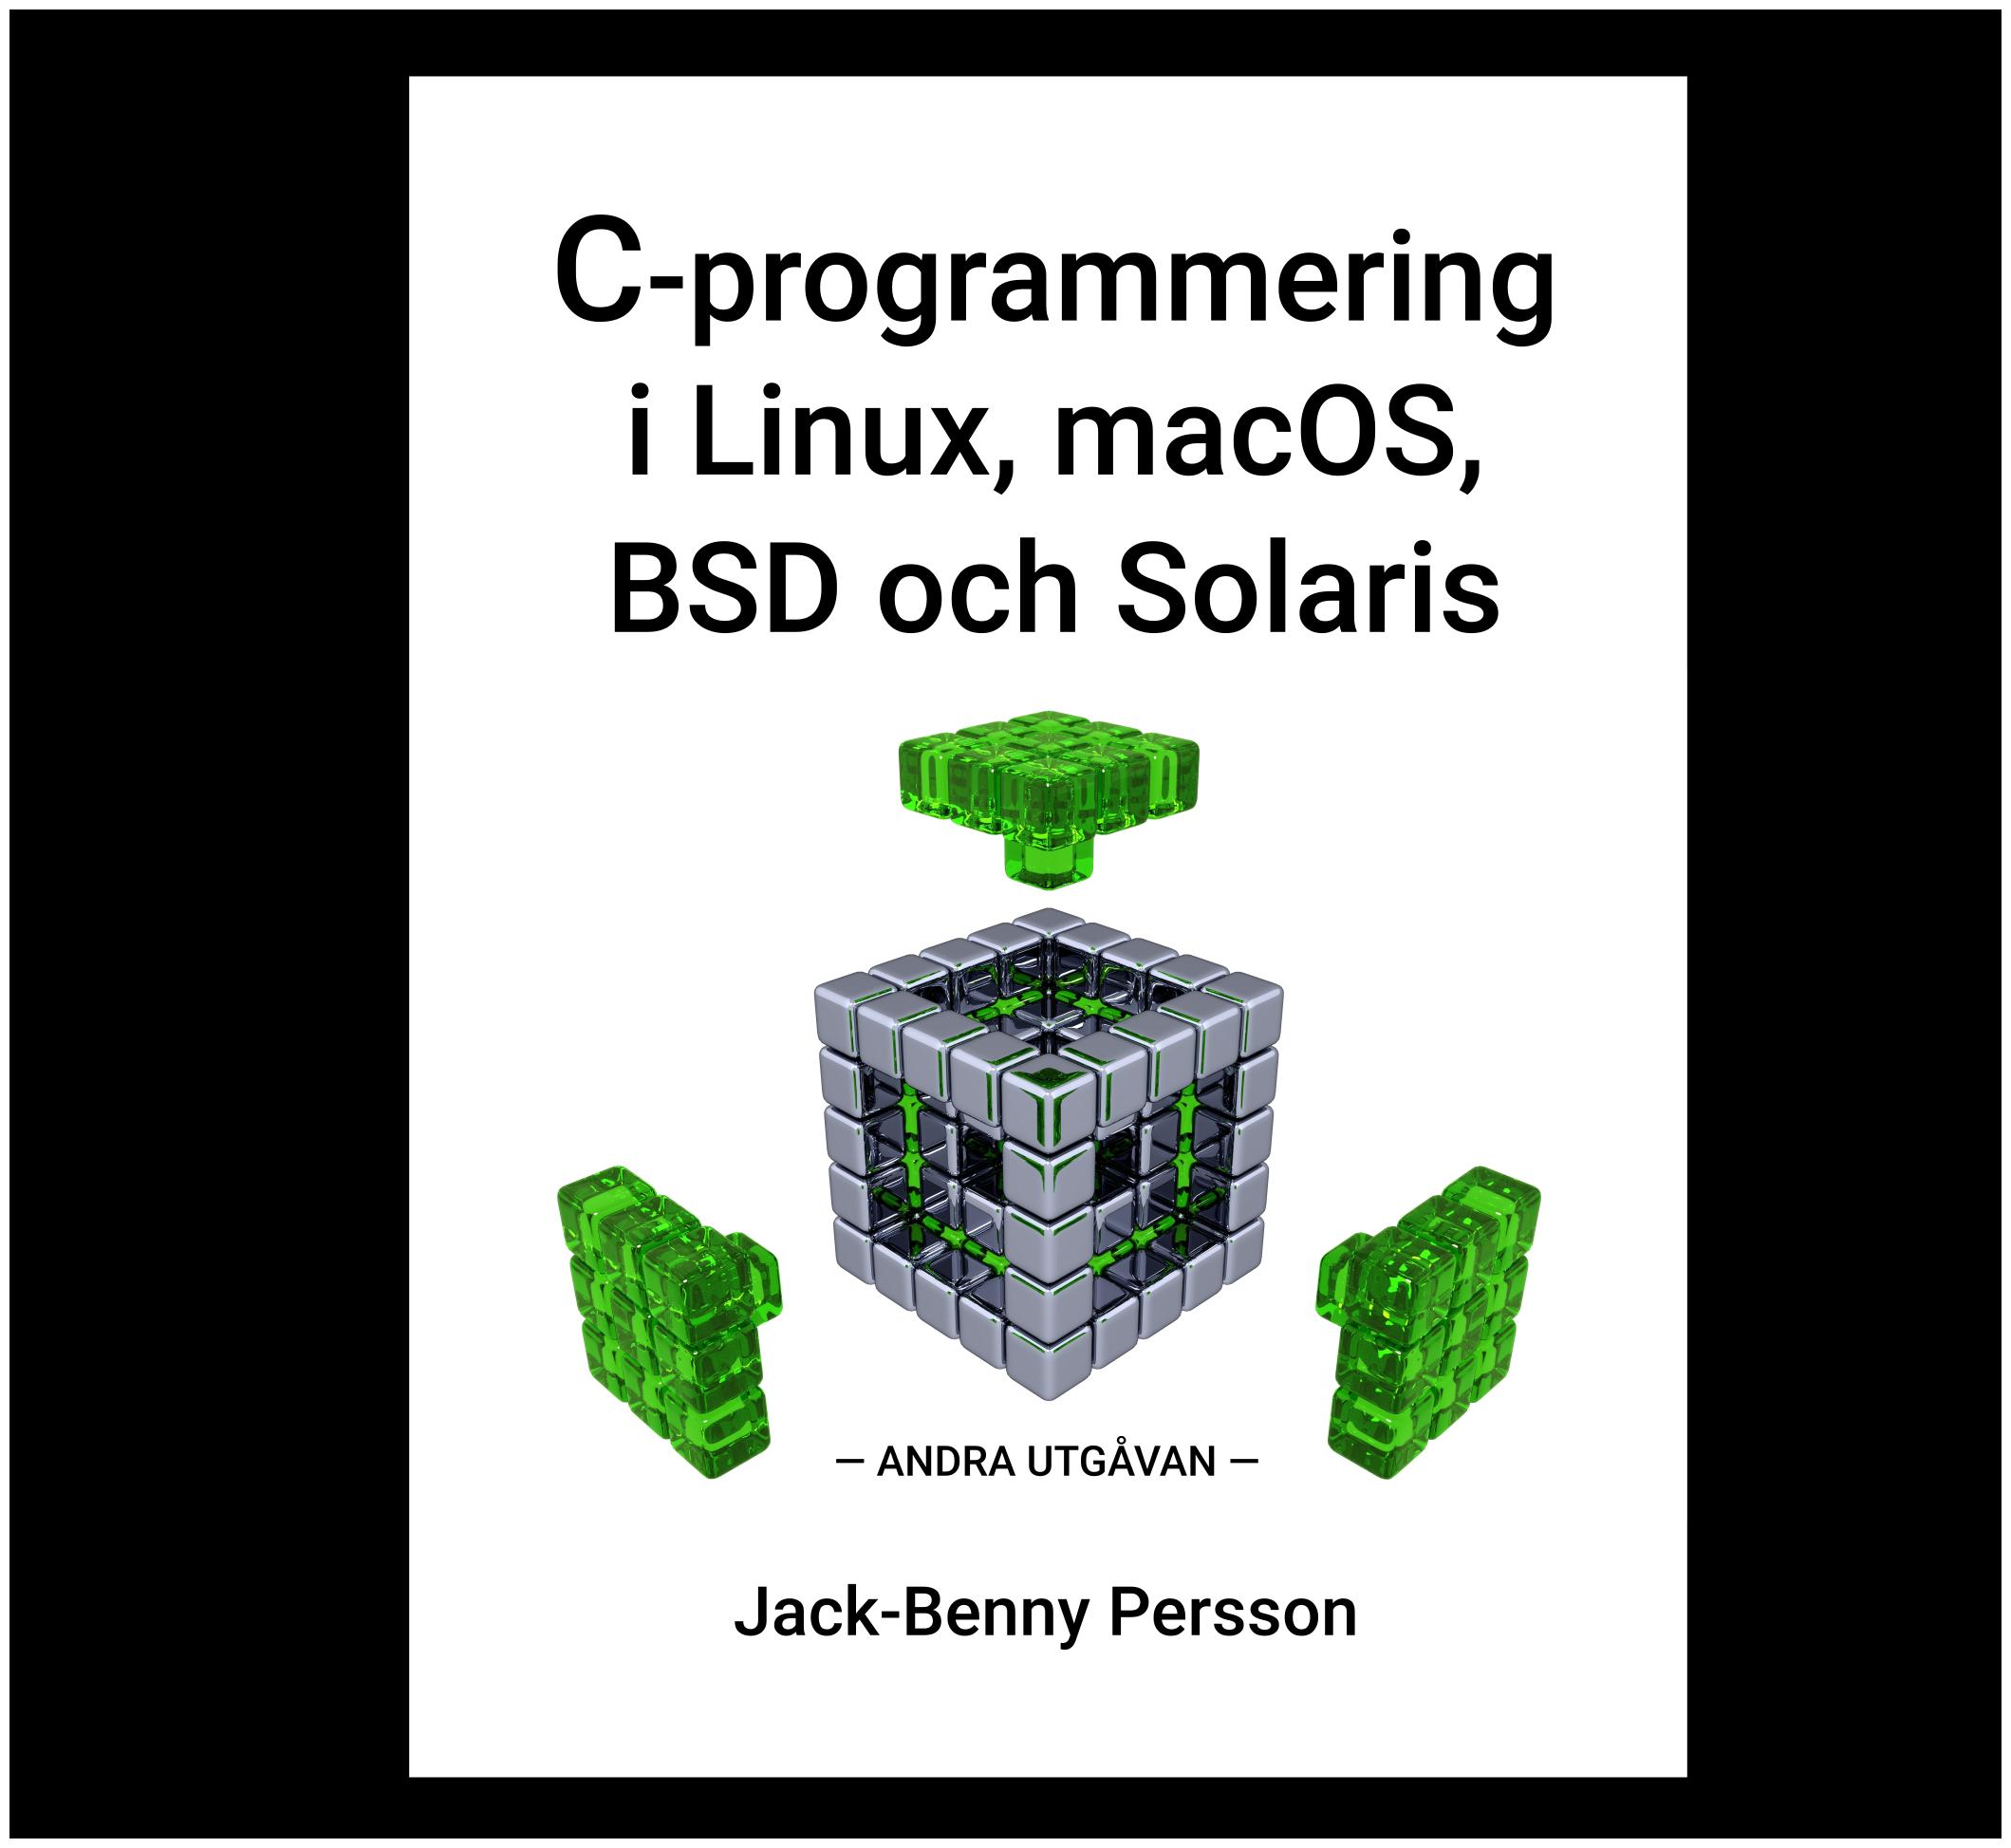 C-programmering i Linux, macOS, BSD och Solaris (bok)